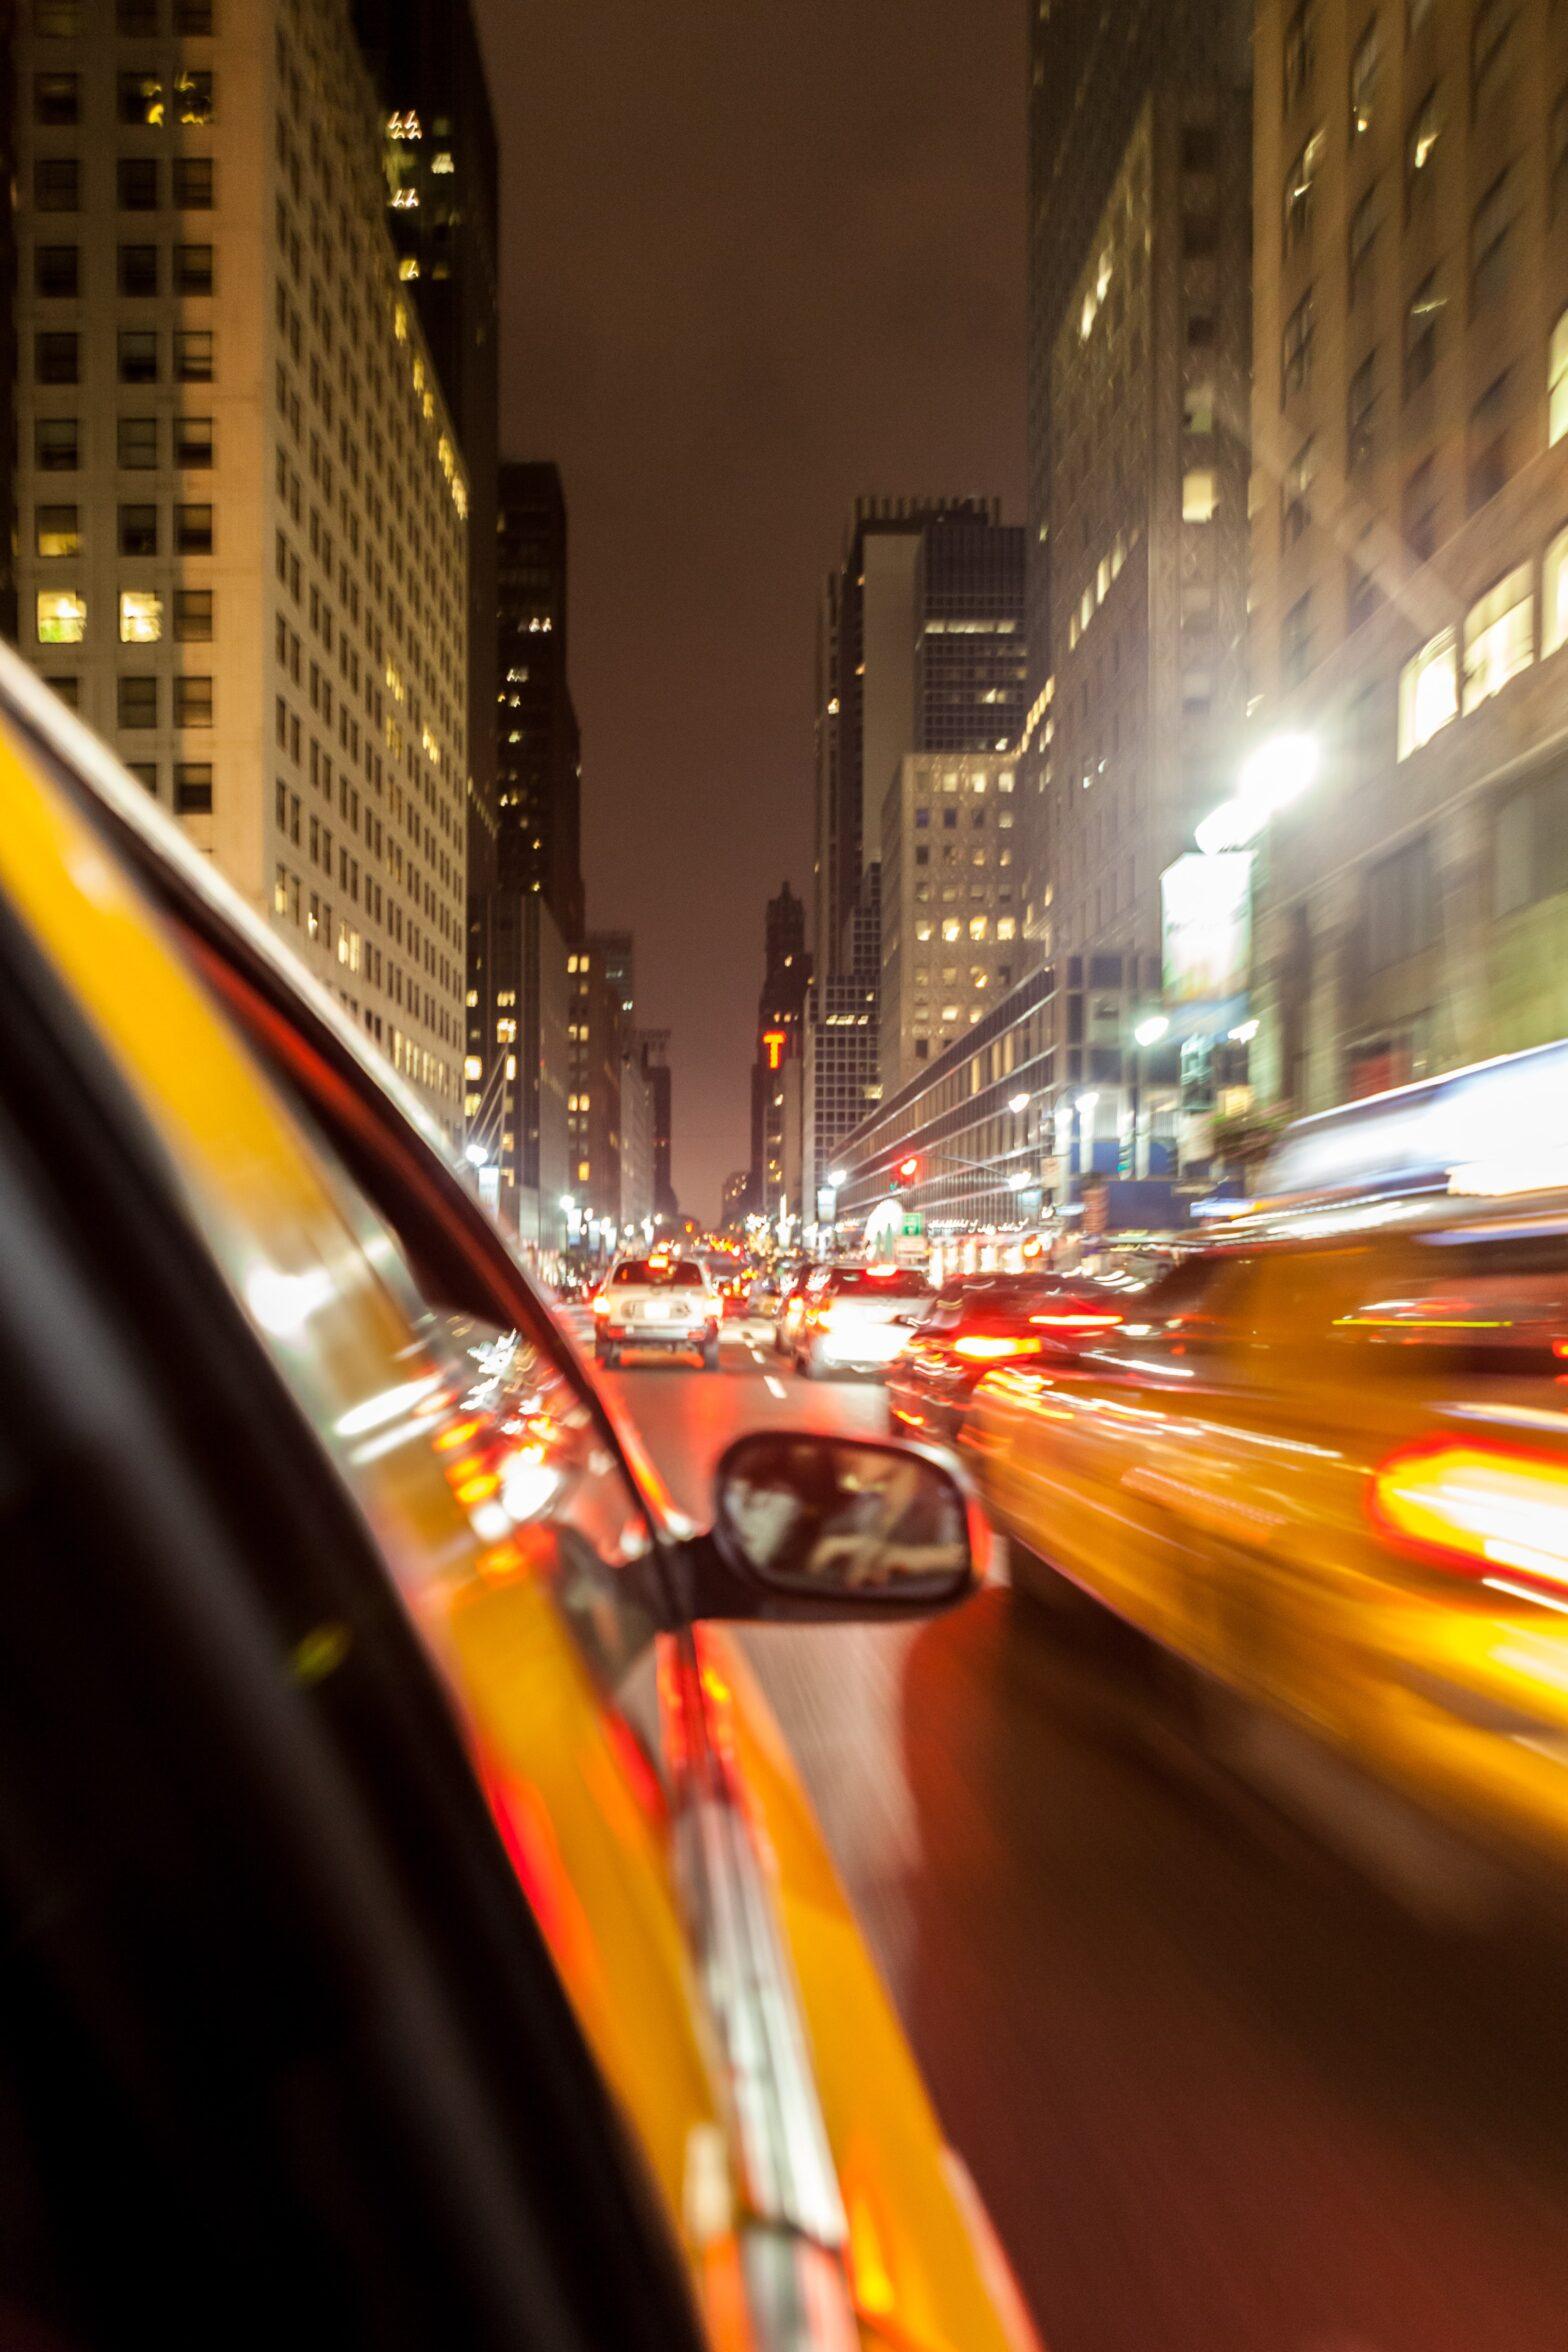 Taxi racing through city at night.